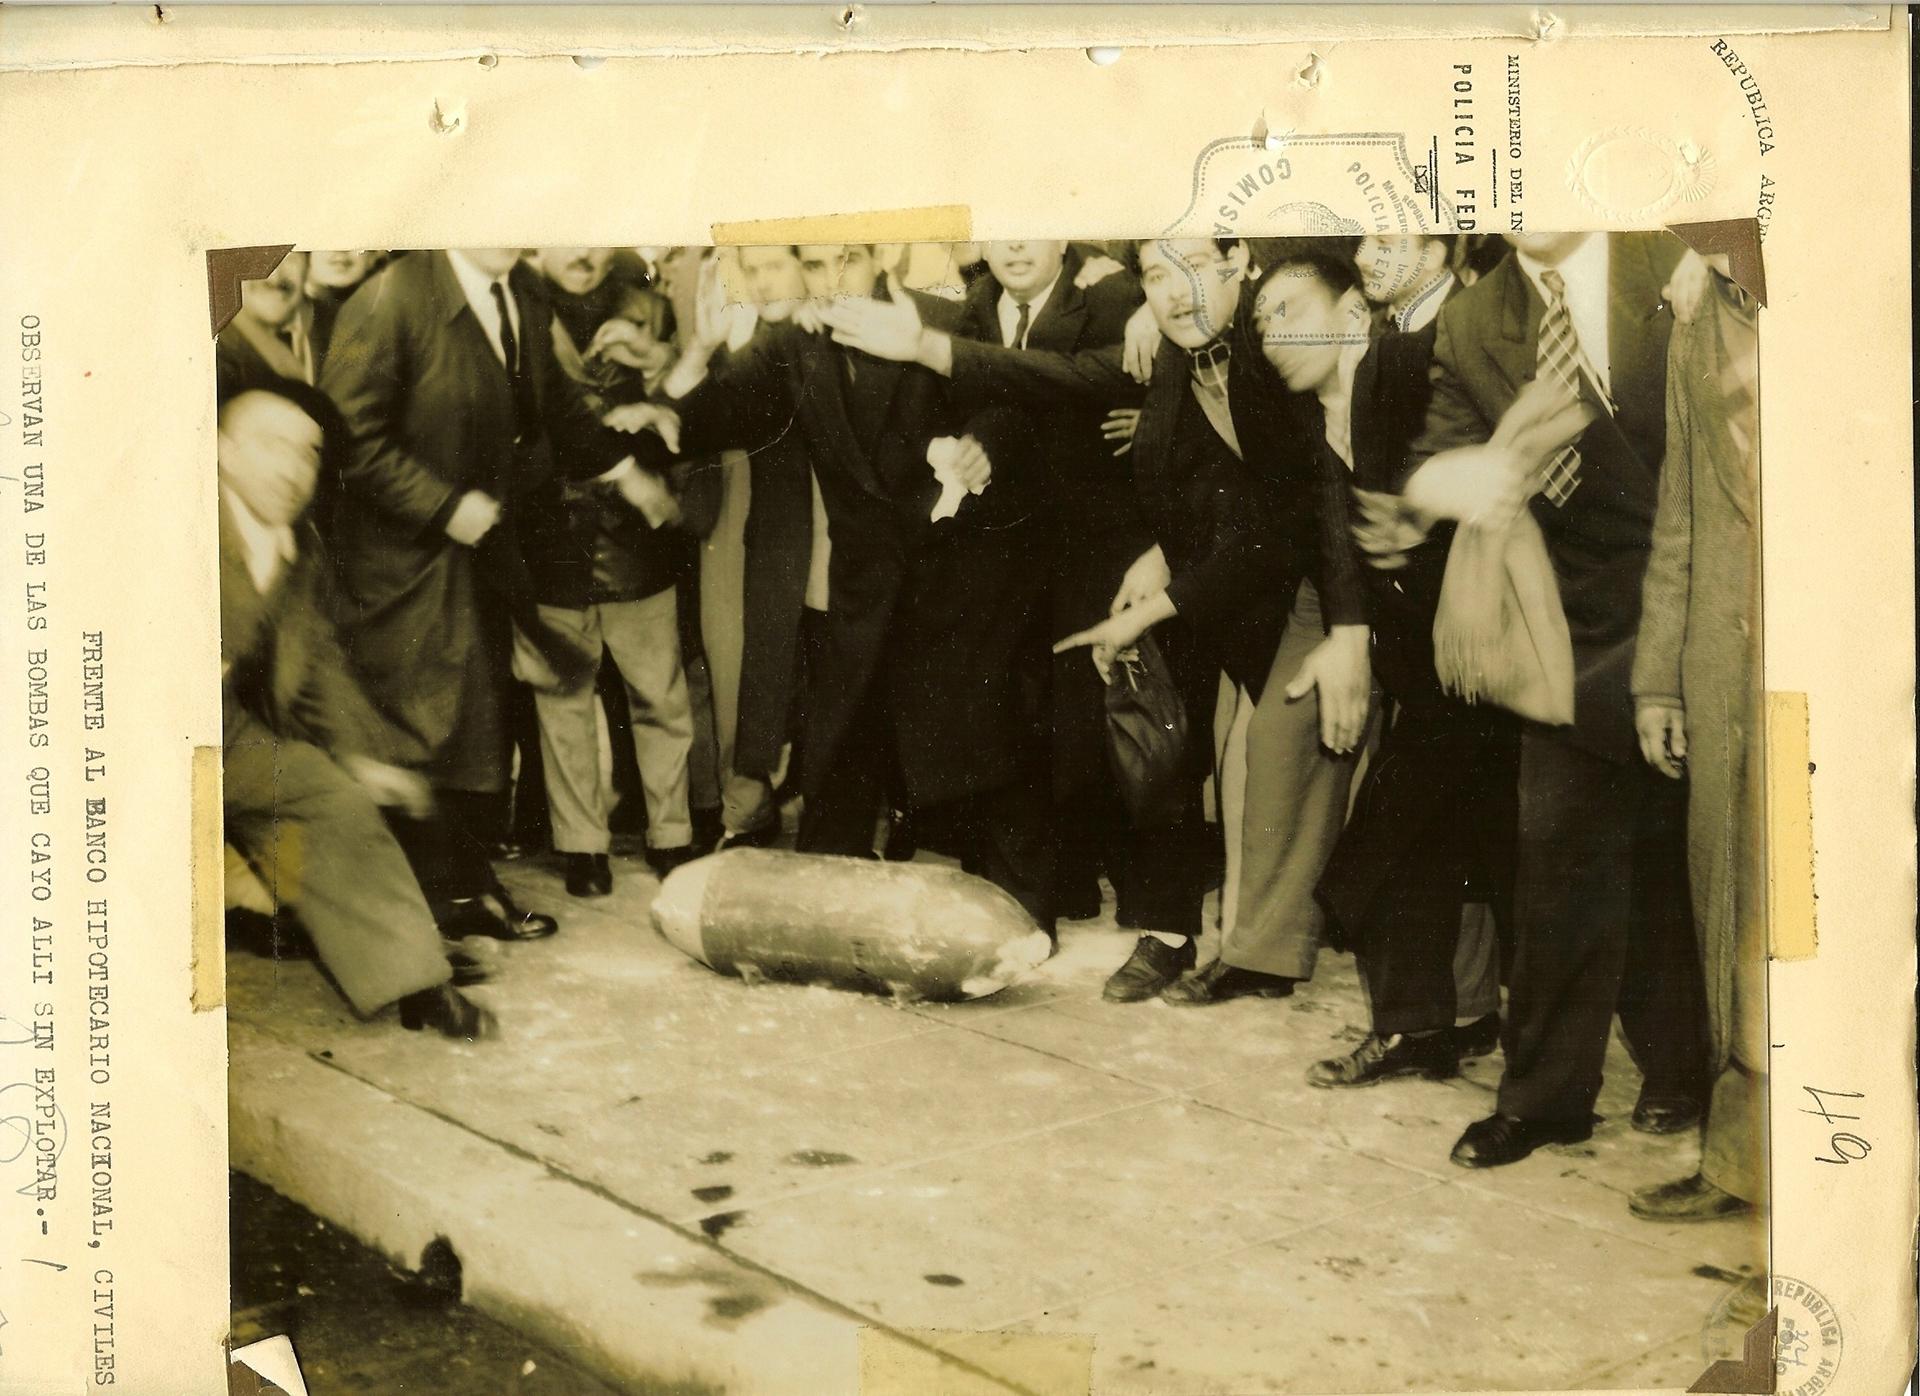 Una bomba que no explotó rodeada de gente. Junio de 1955. Plaza de mayo.